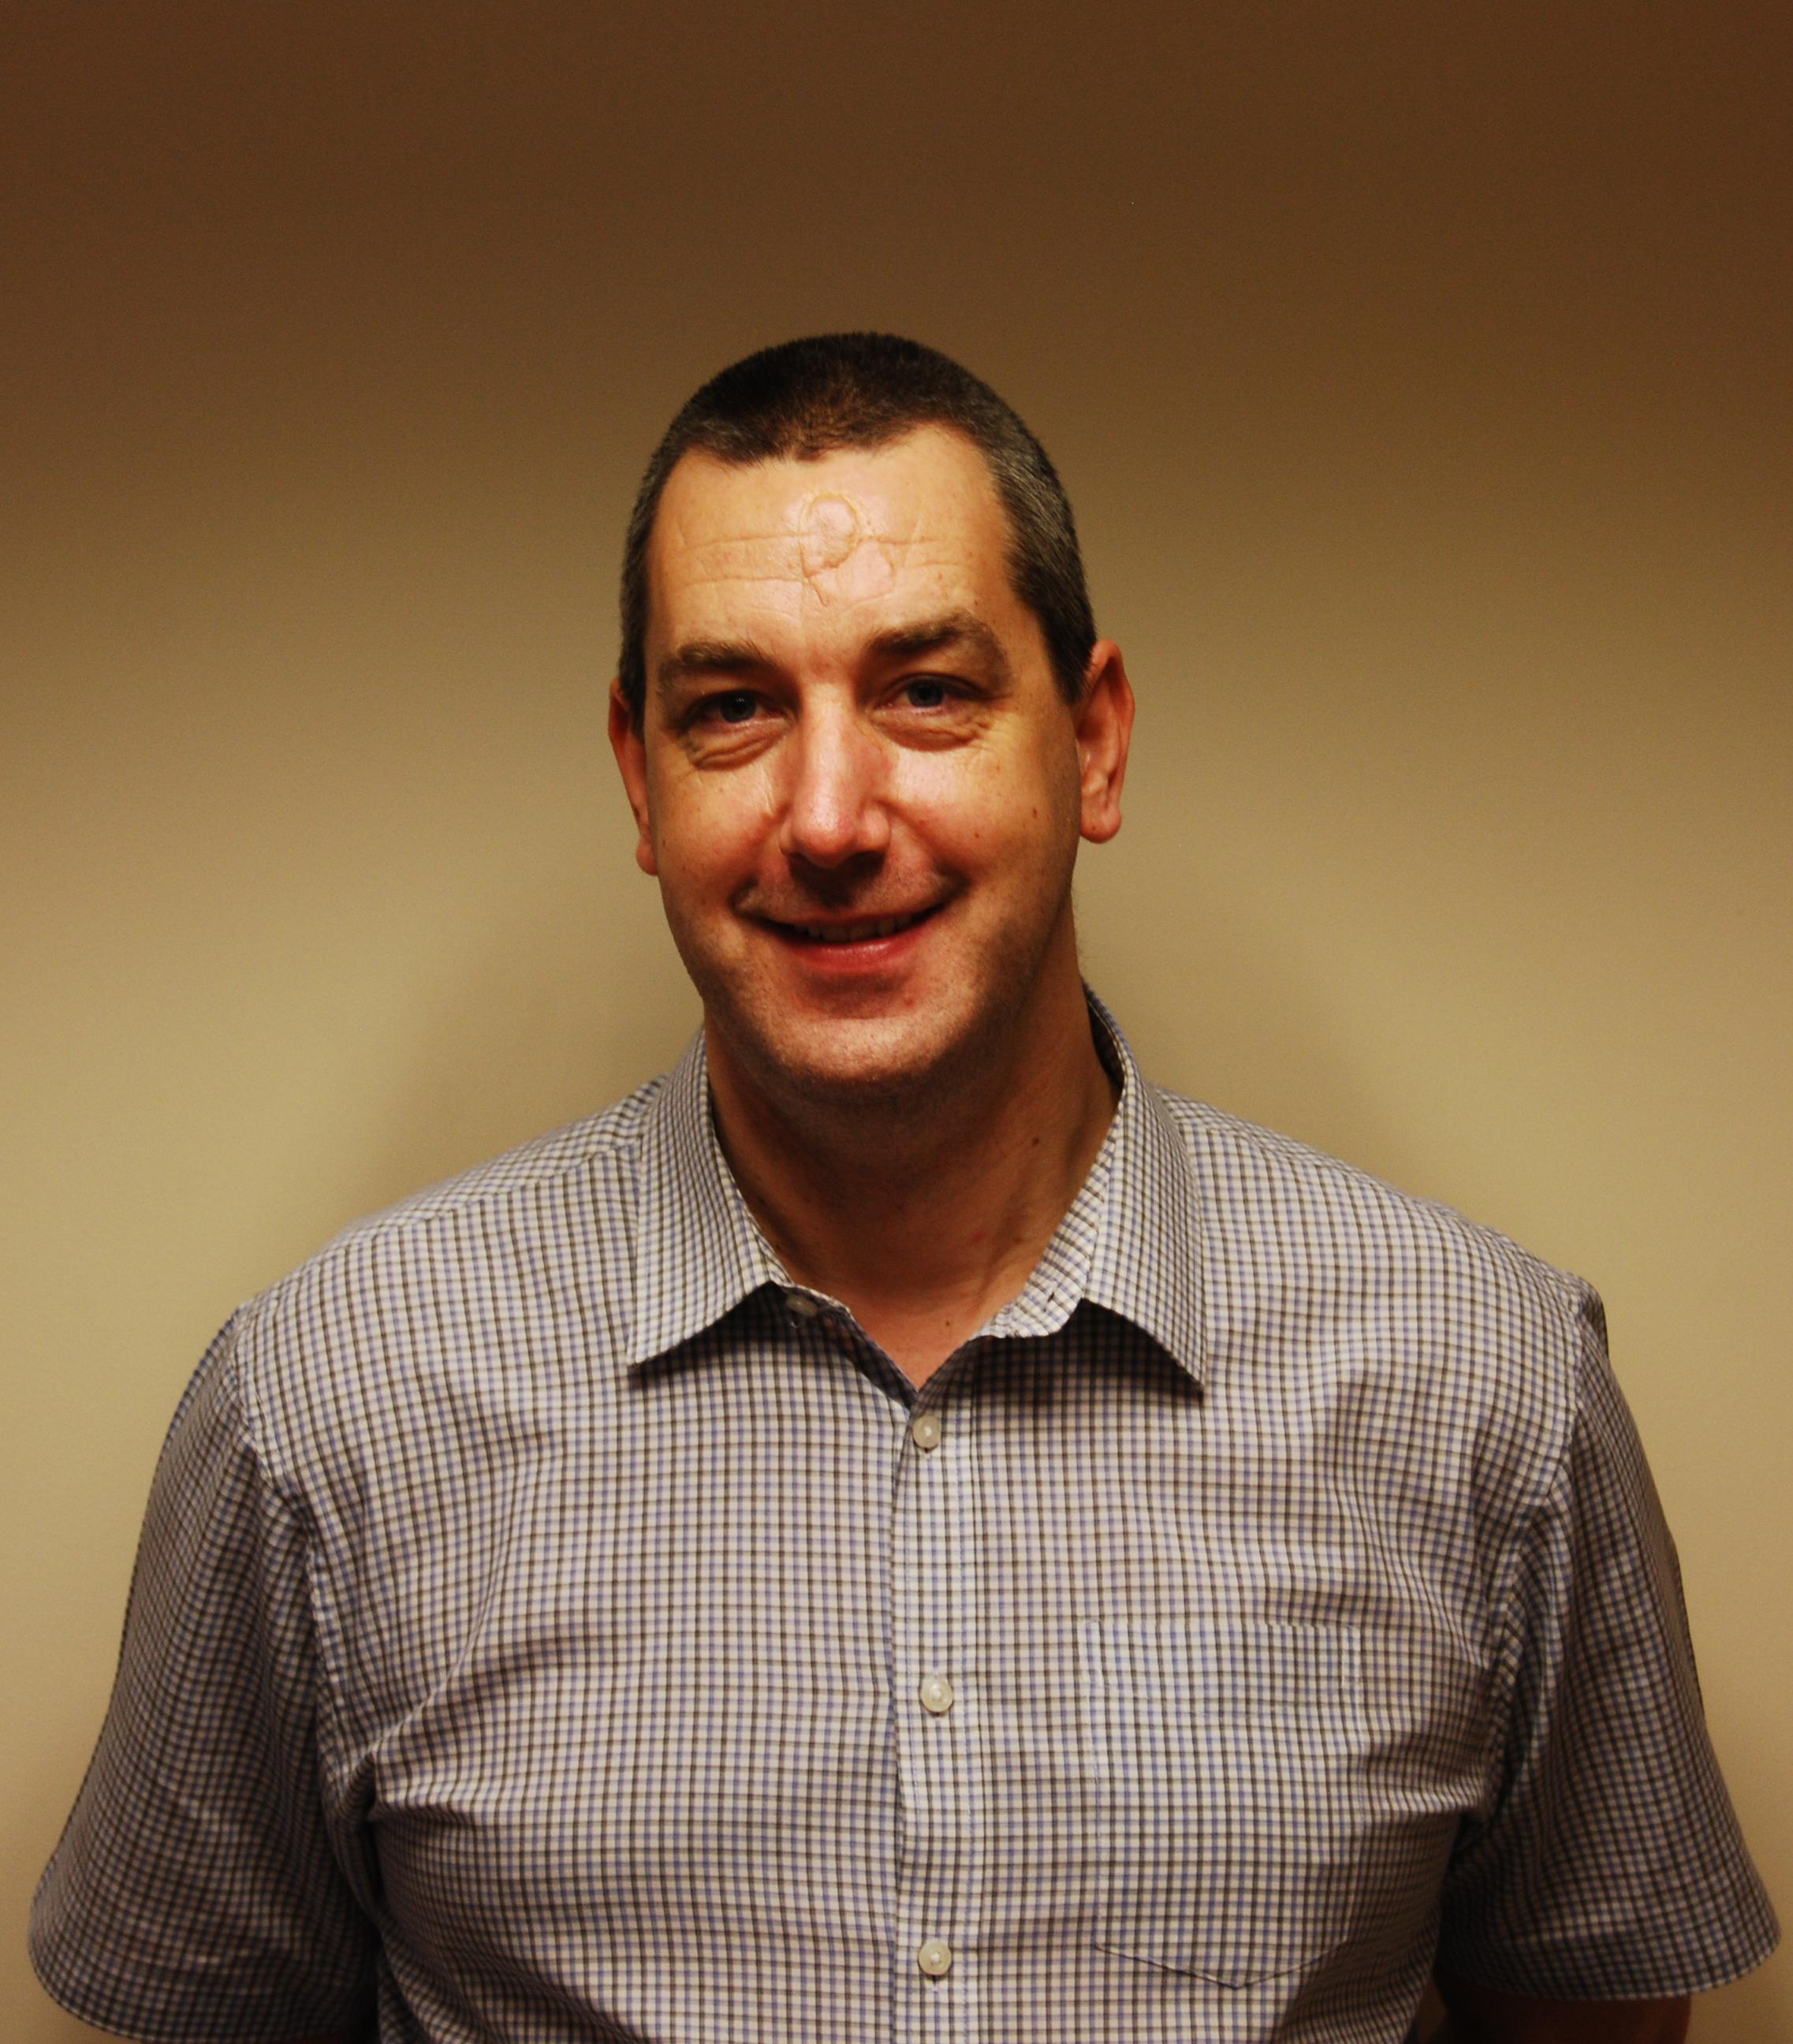 John Stevens Bsc (Hons) – Divisional Director